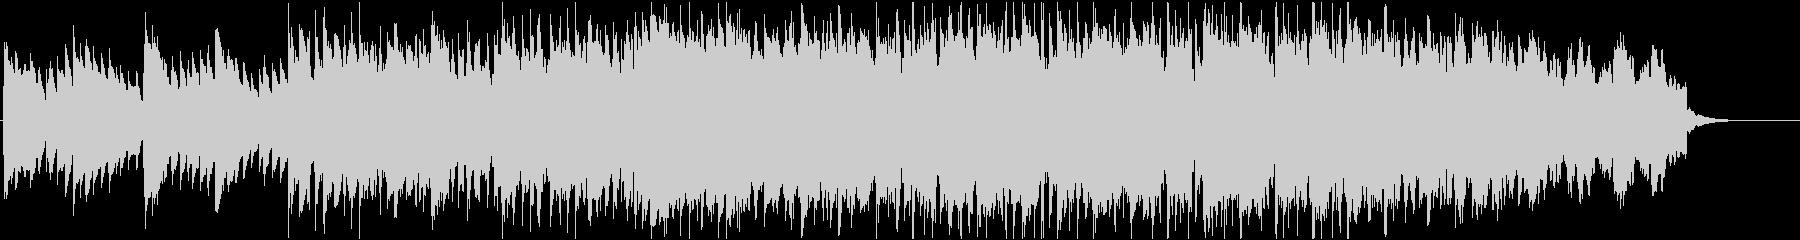 映像によく合うピアノが印象的なジングルの未再生の波形